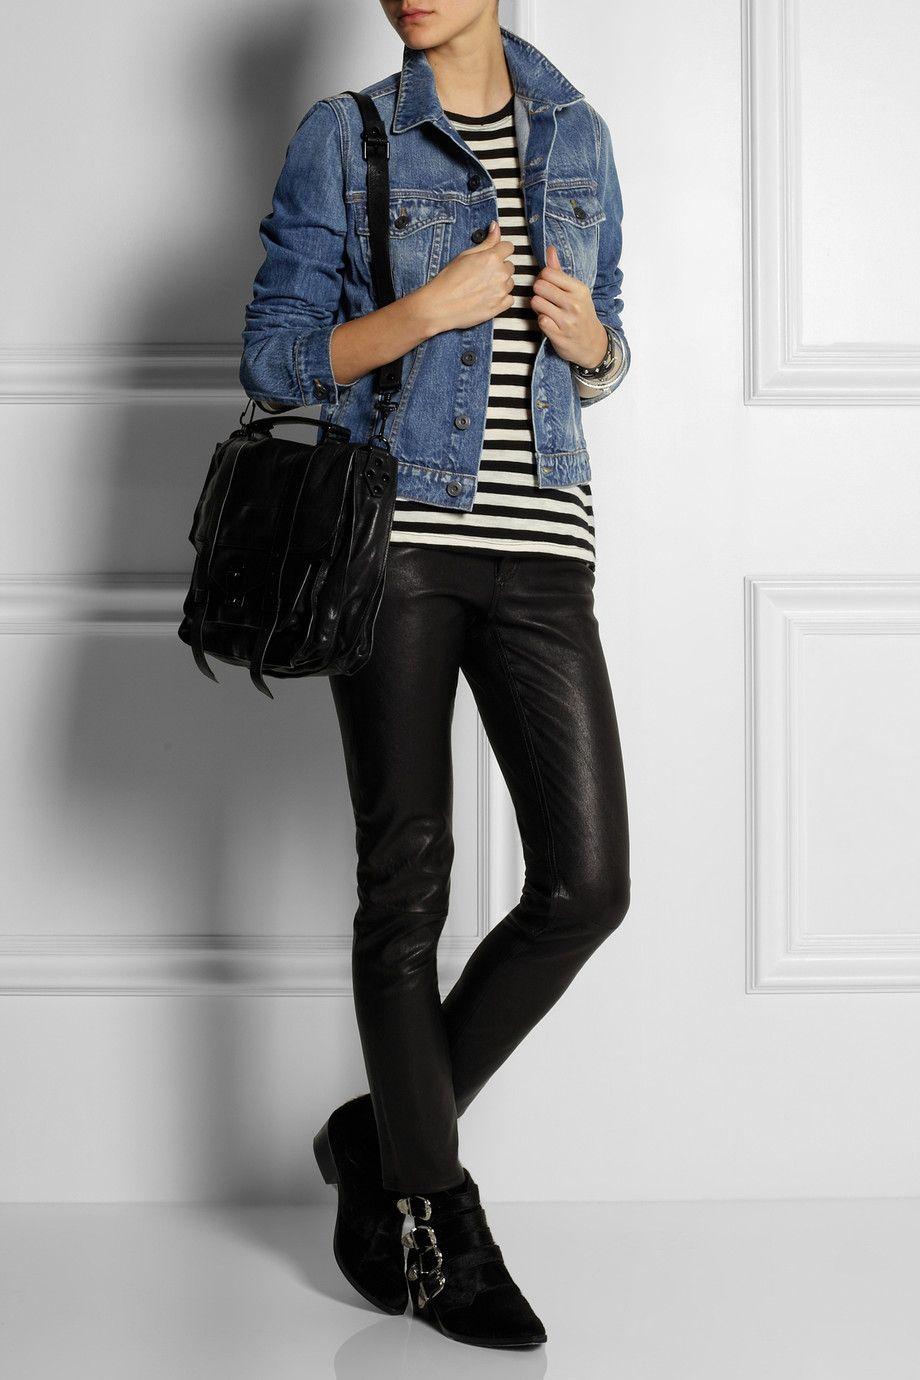 Proenza Schoulerjean jacket looks great with skinny jeans